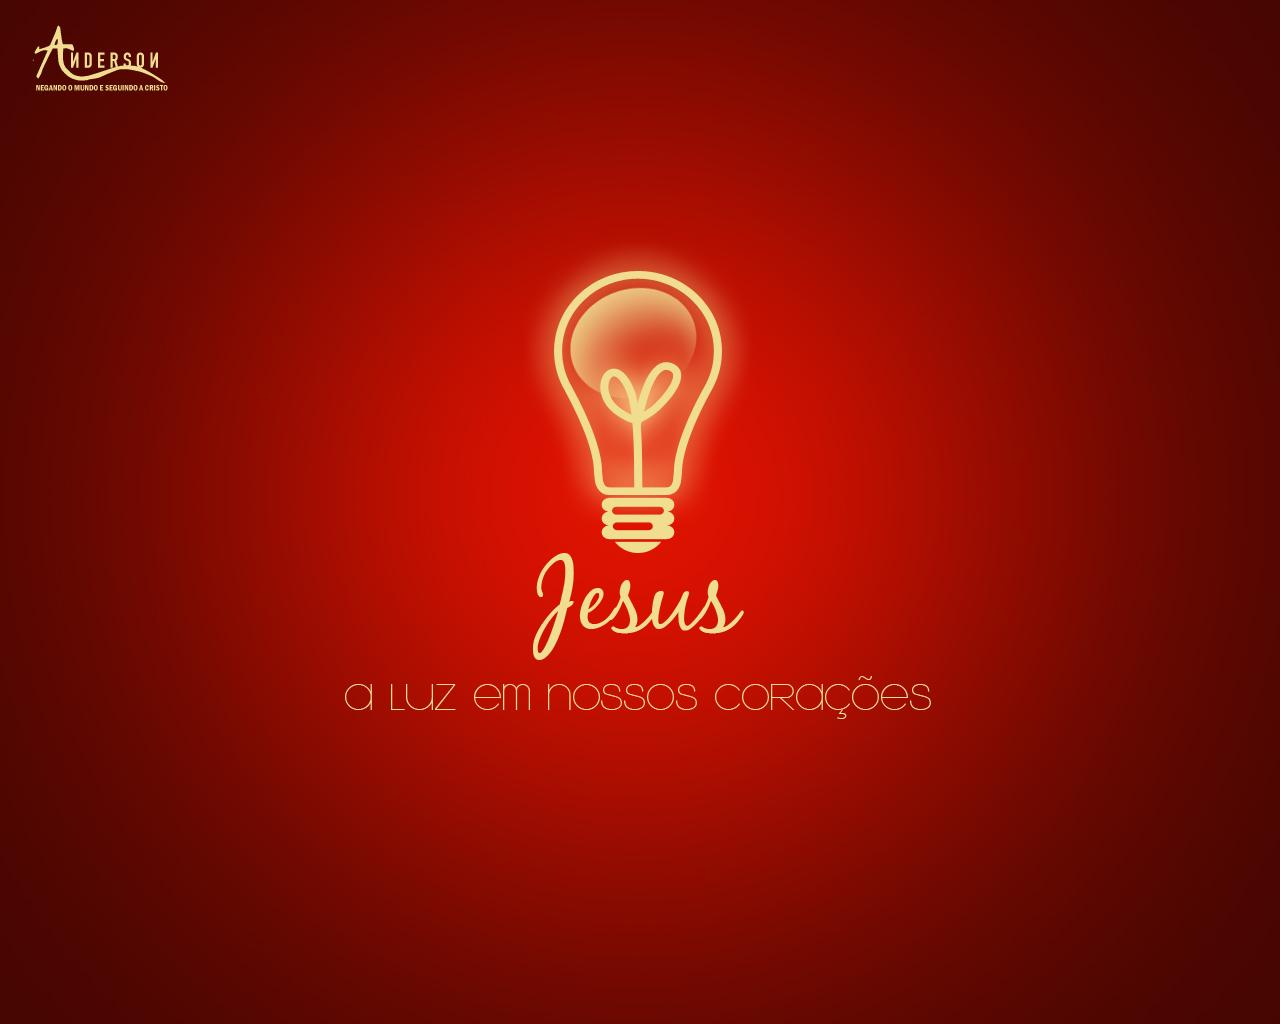 Super imagens de deus e jesus para celular OB08